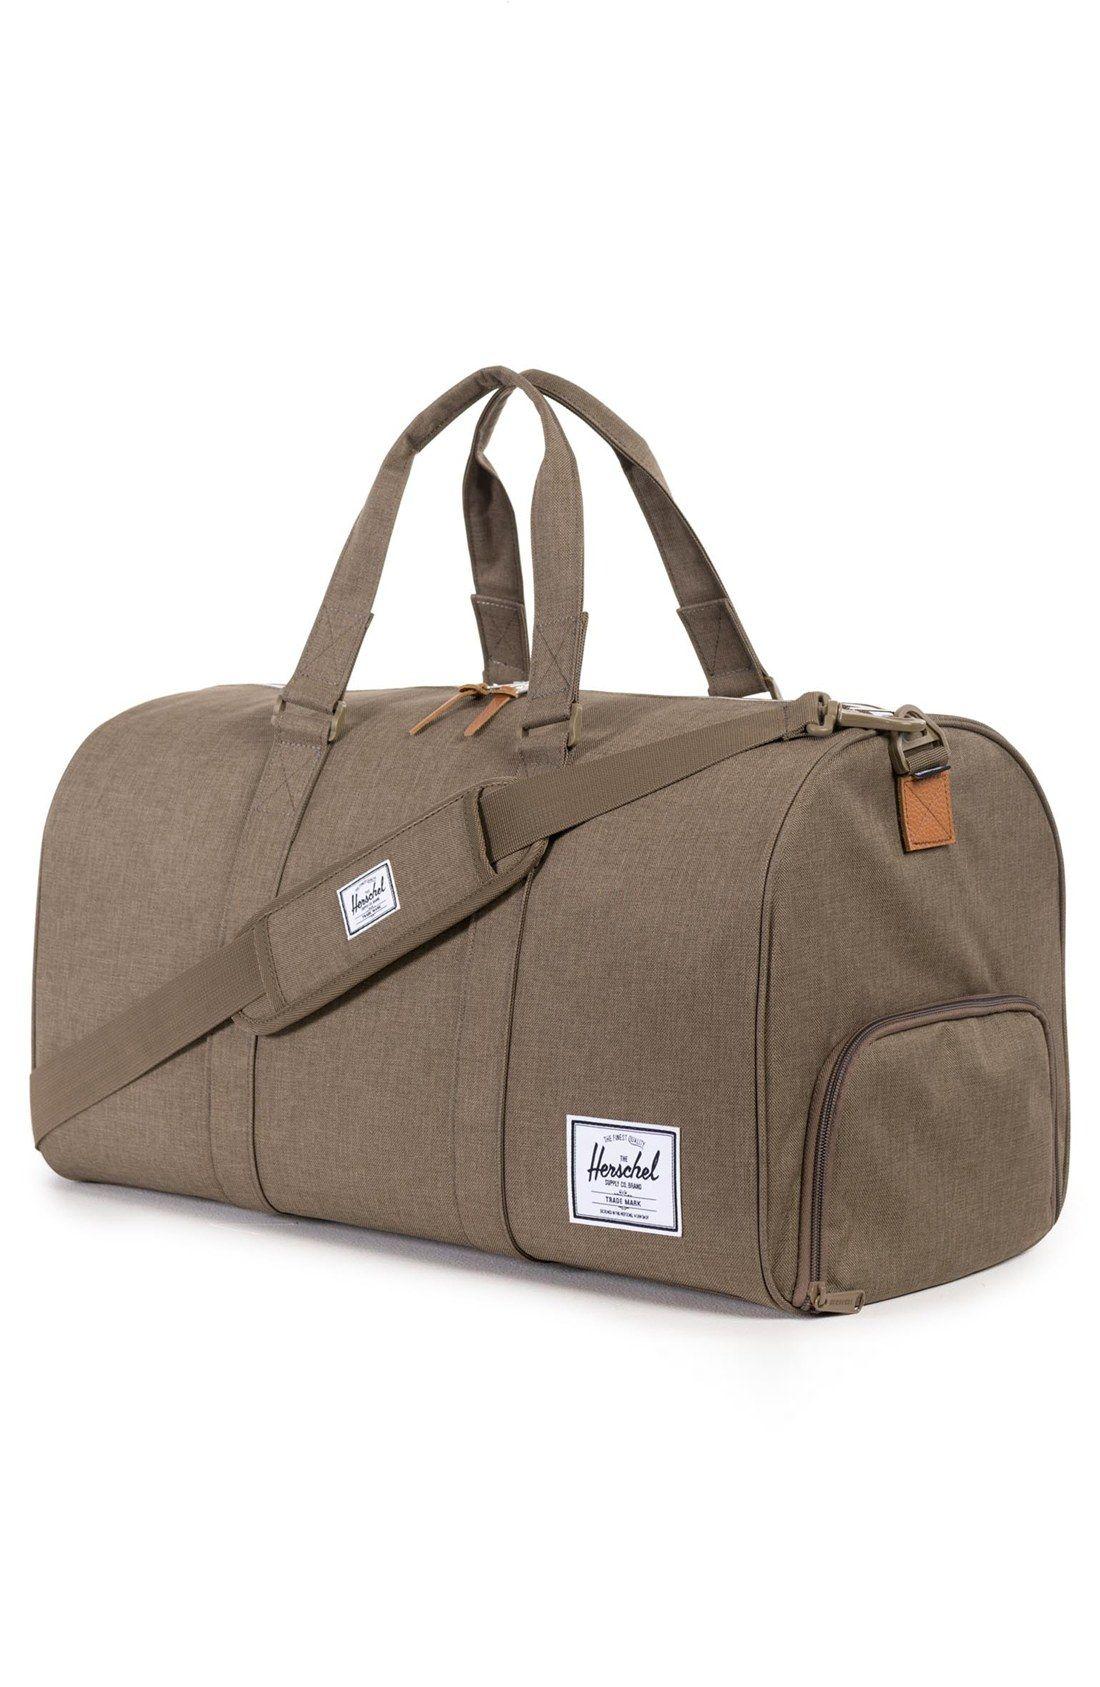 31cce89d01 Herschel Supply Co.  Novel  Duffel Bag